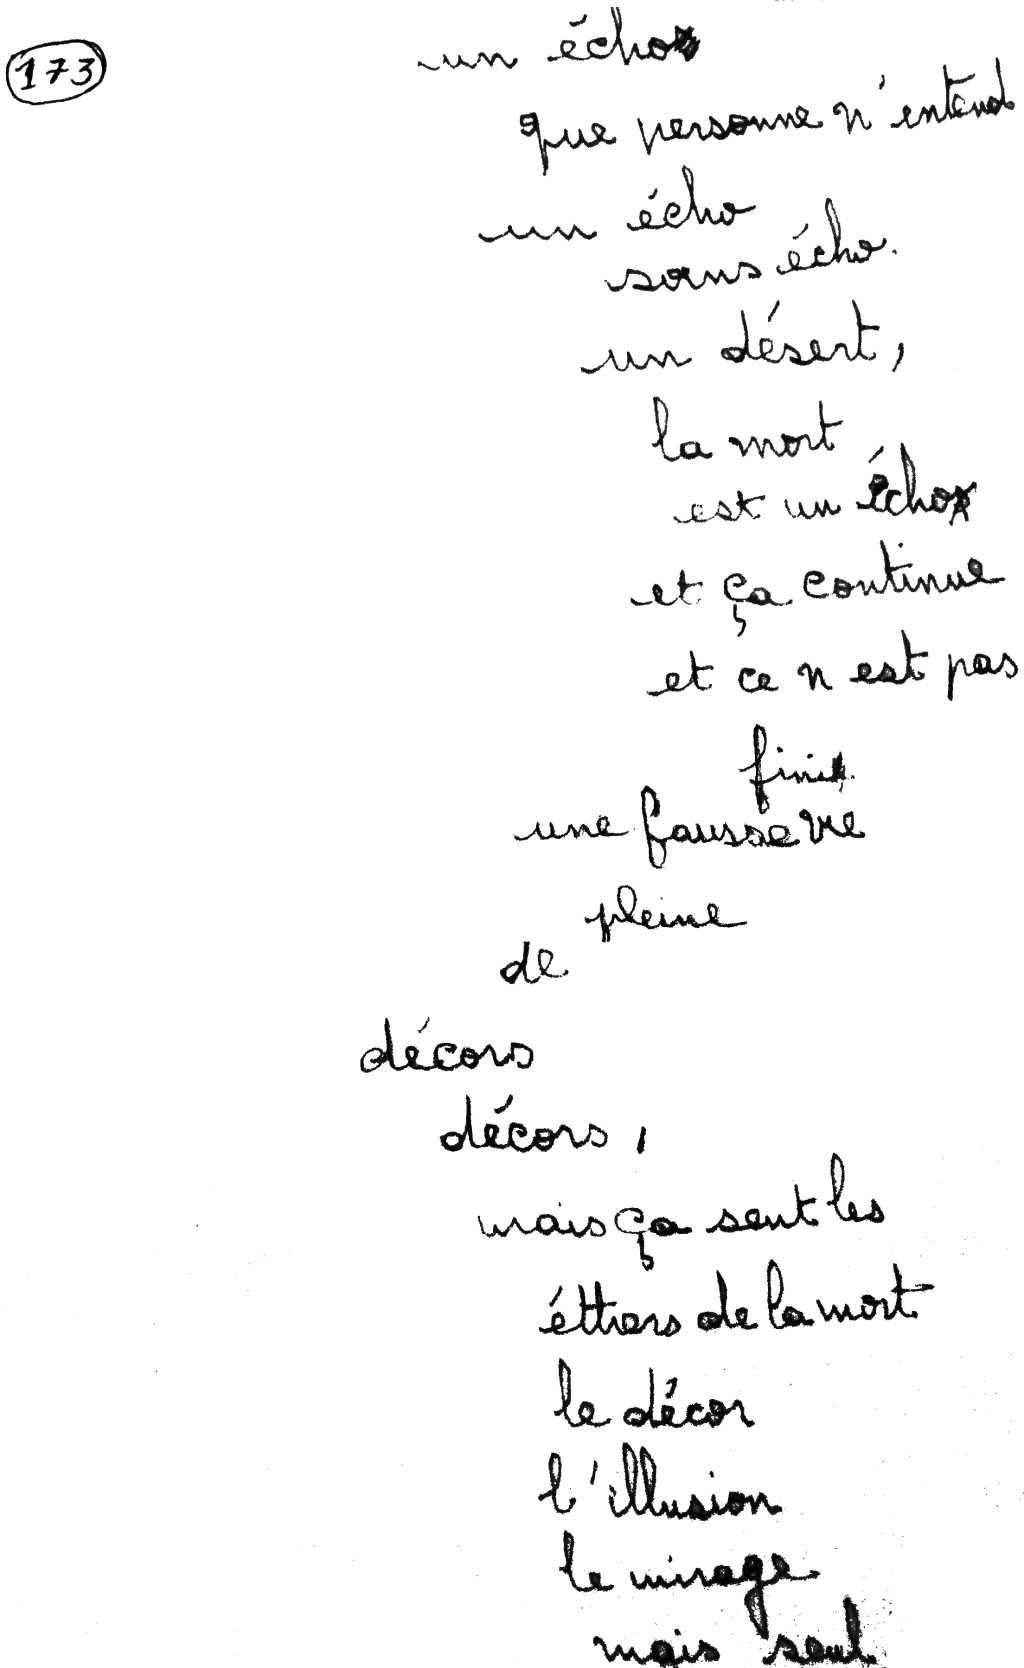 manuscrit du poème 2865